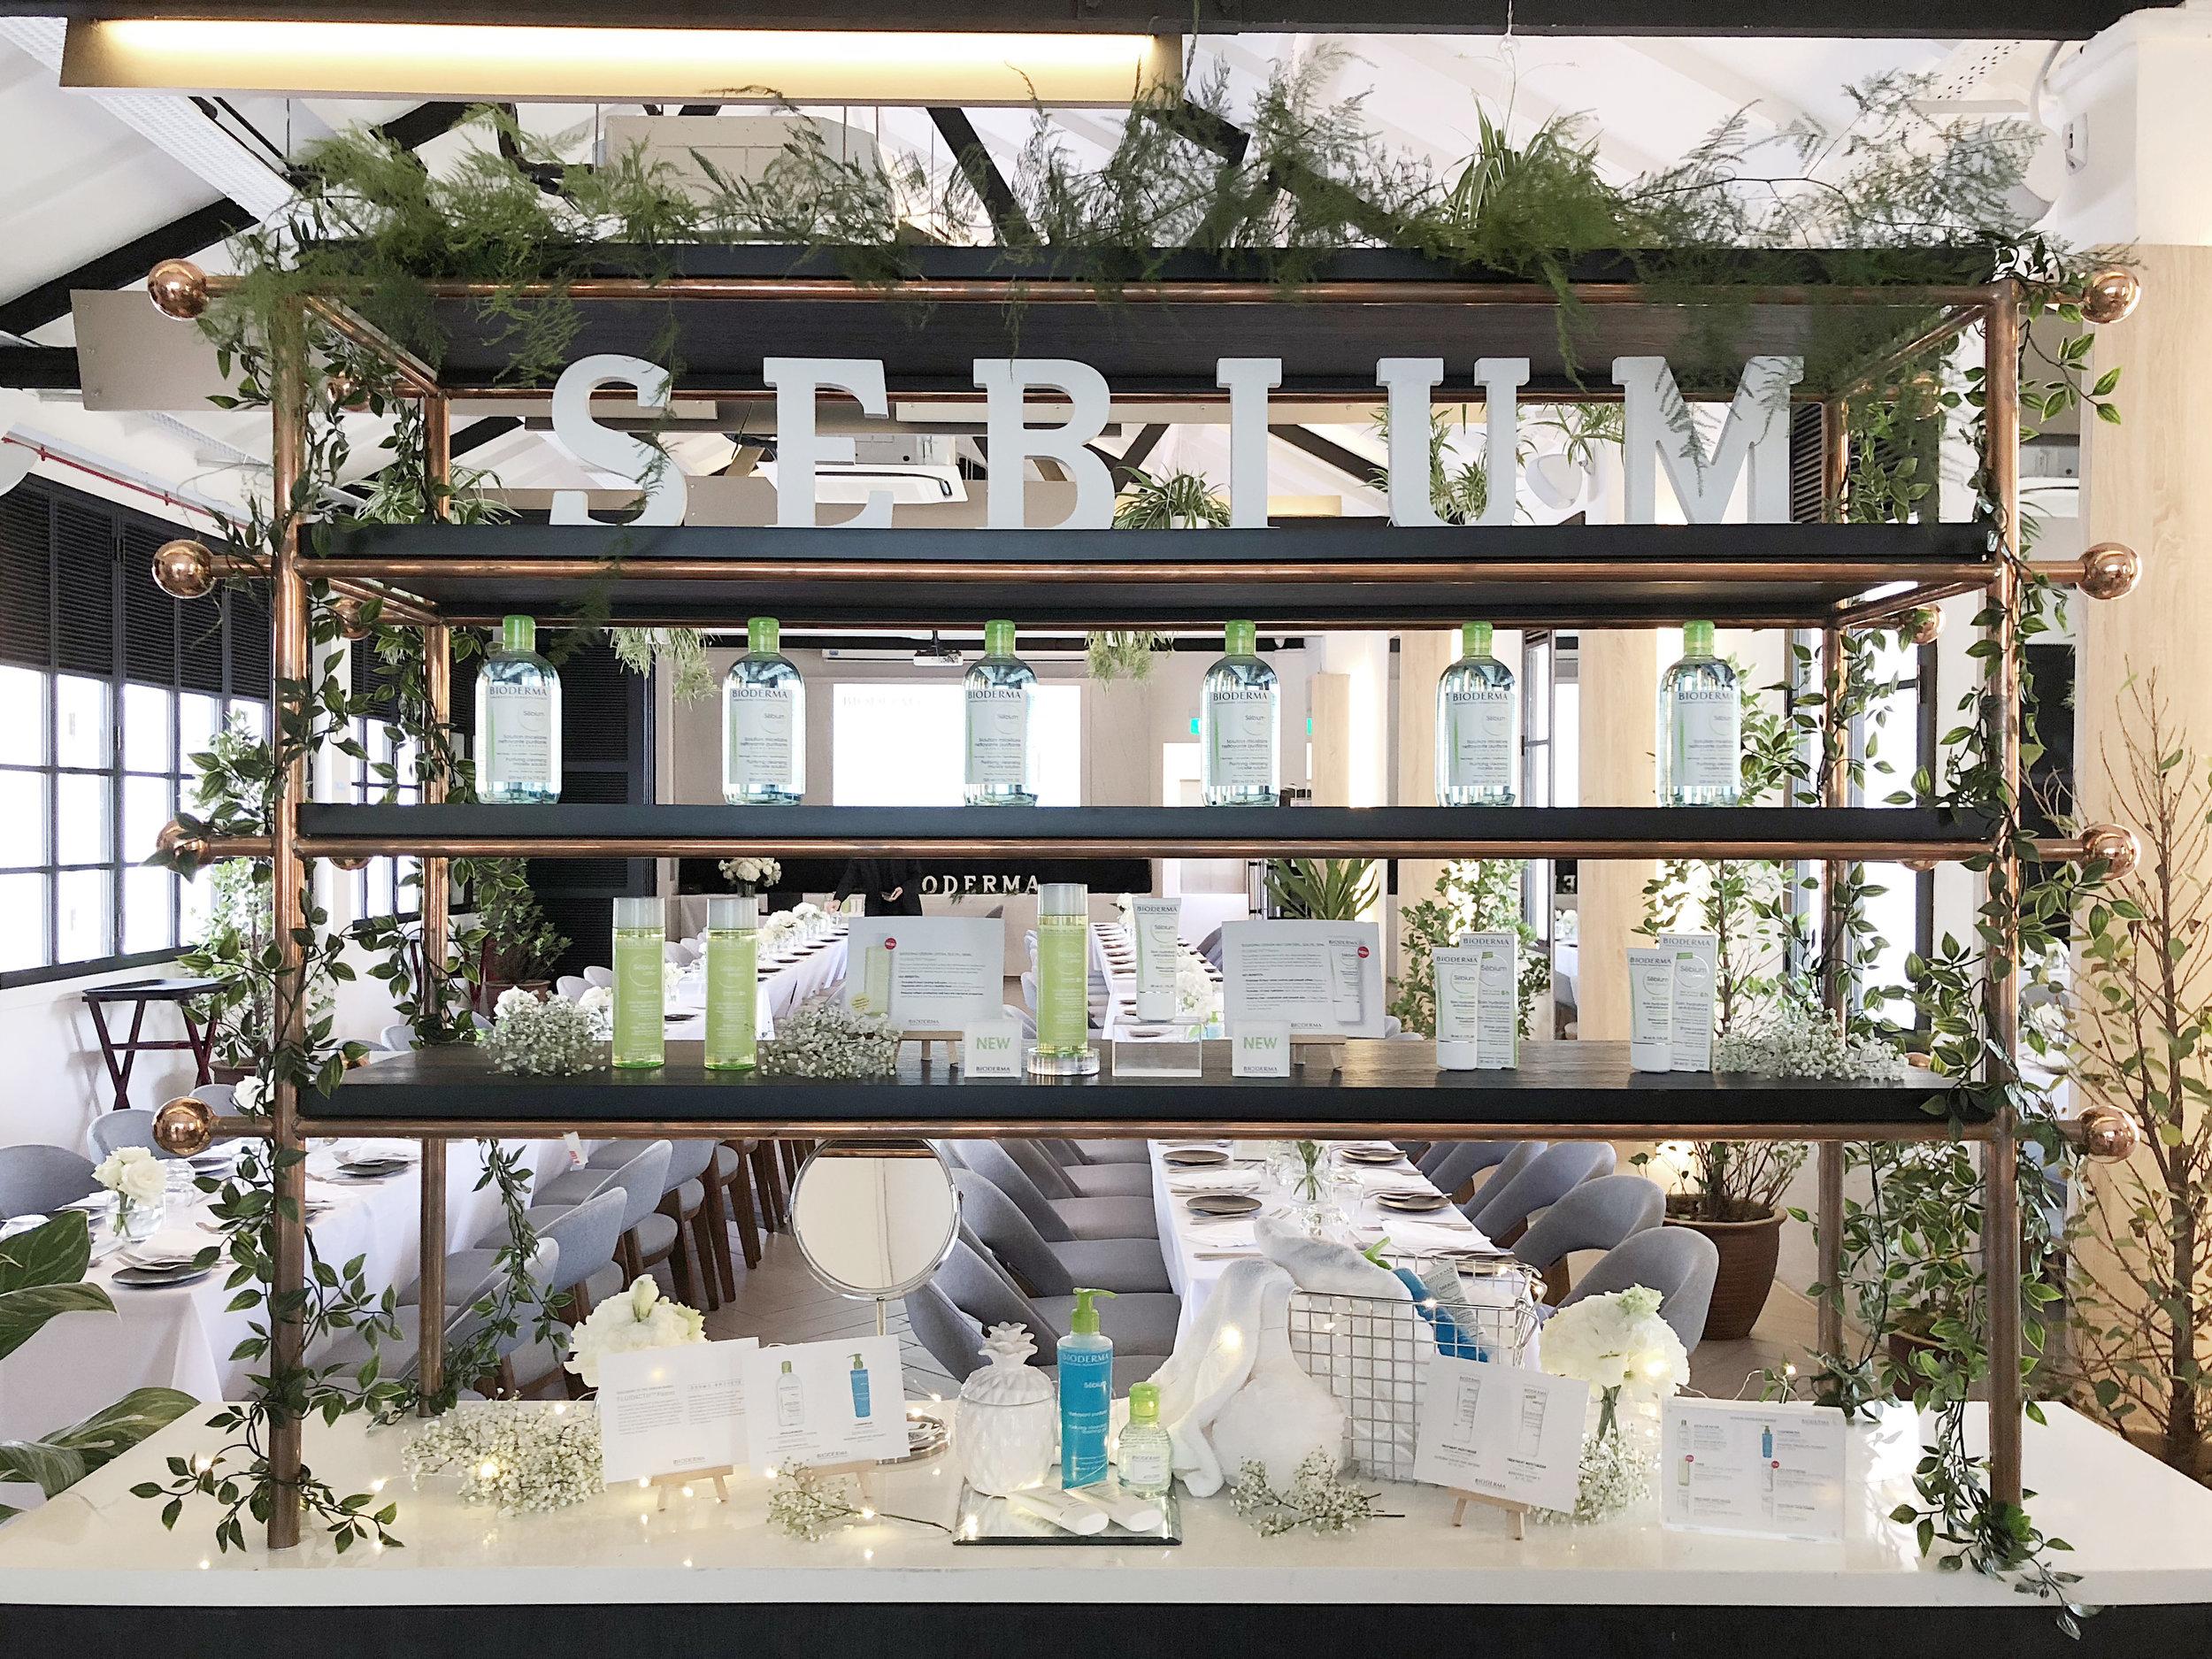 Visual Merchandising for Bioderma Sebium event in Singapore